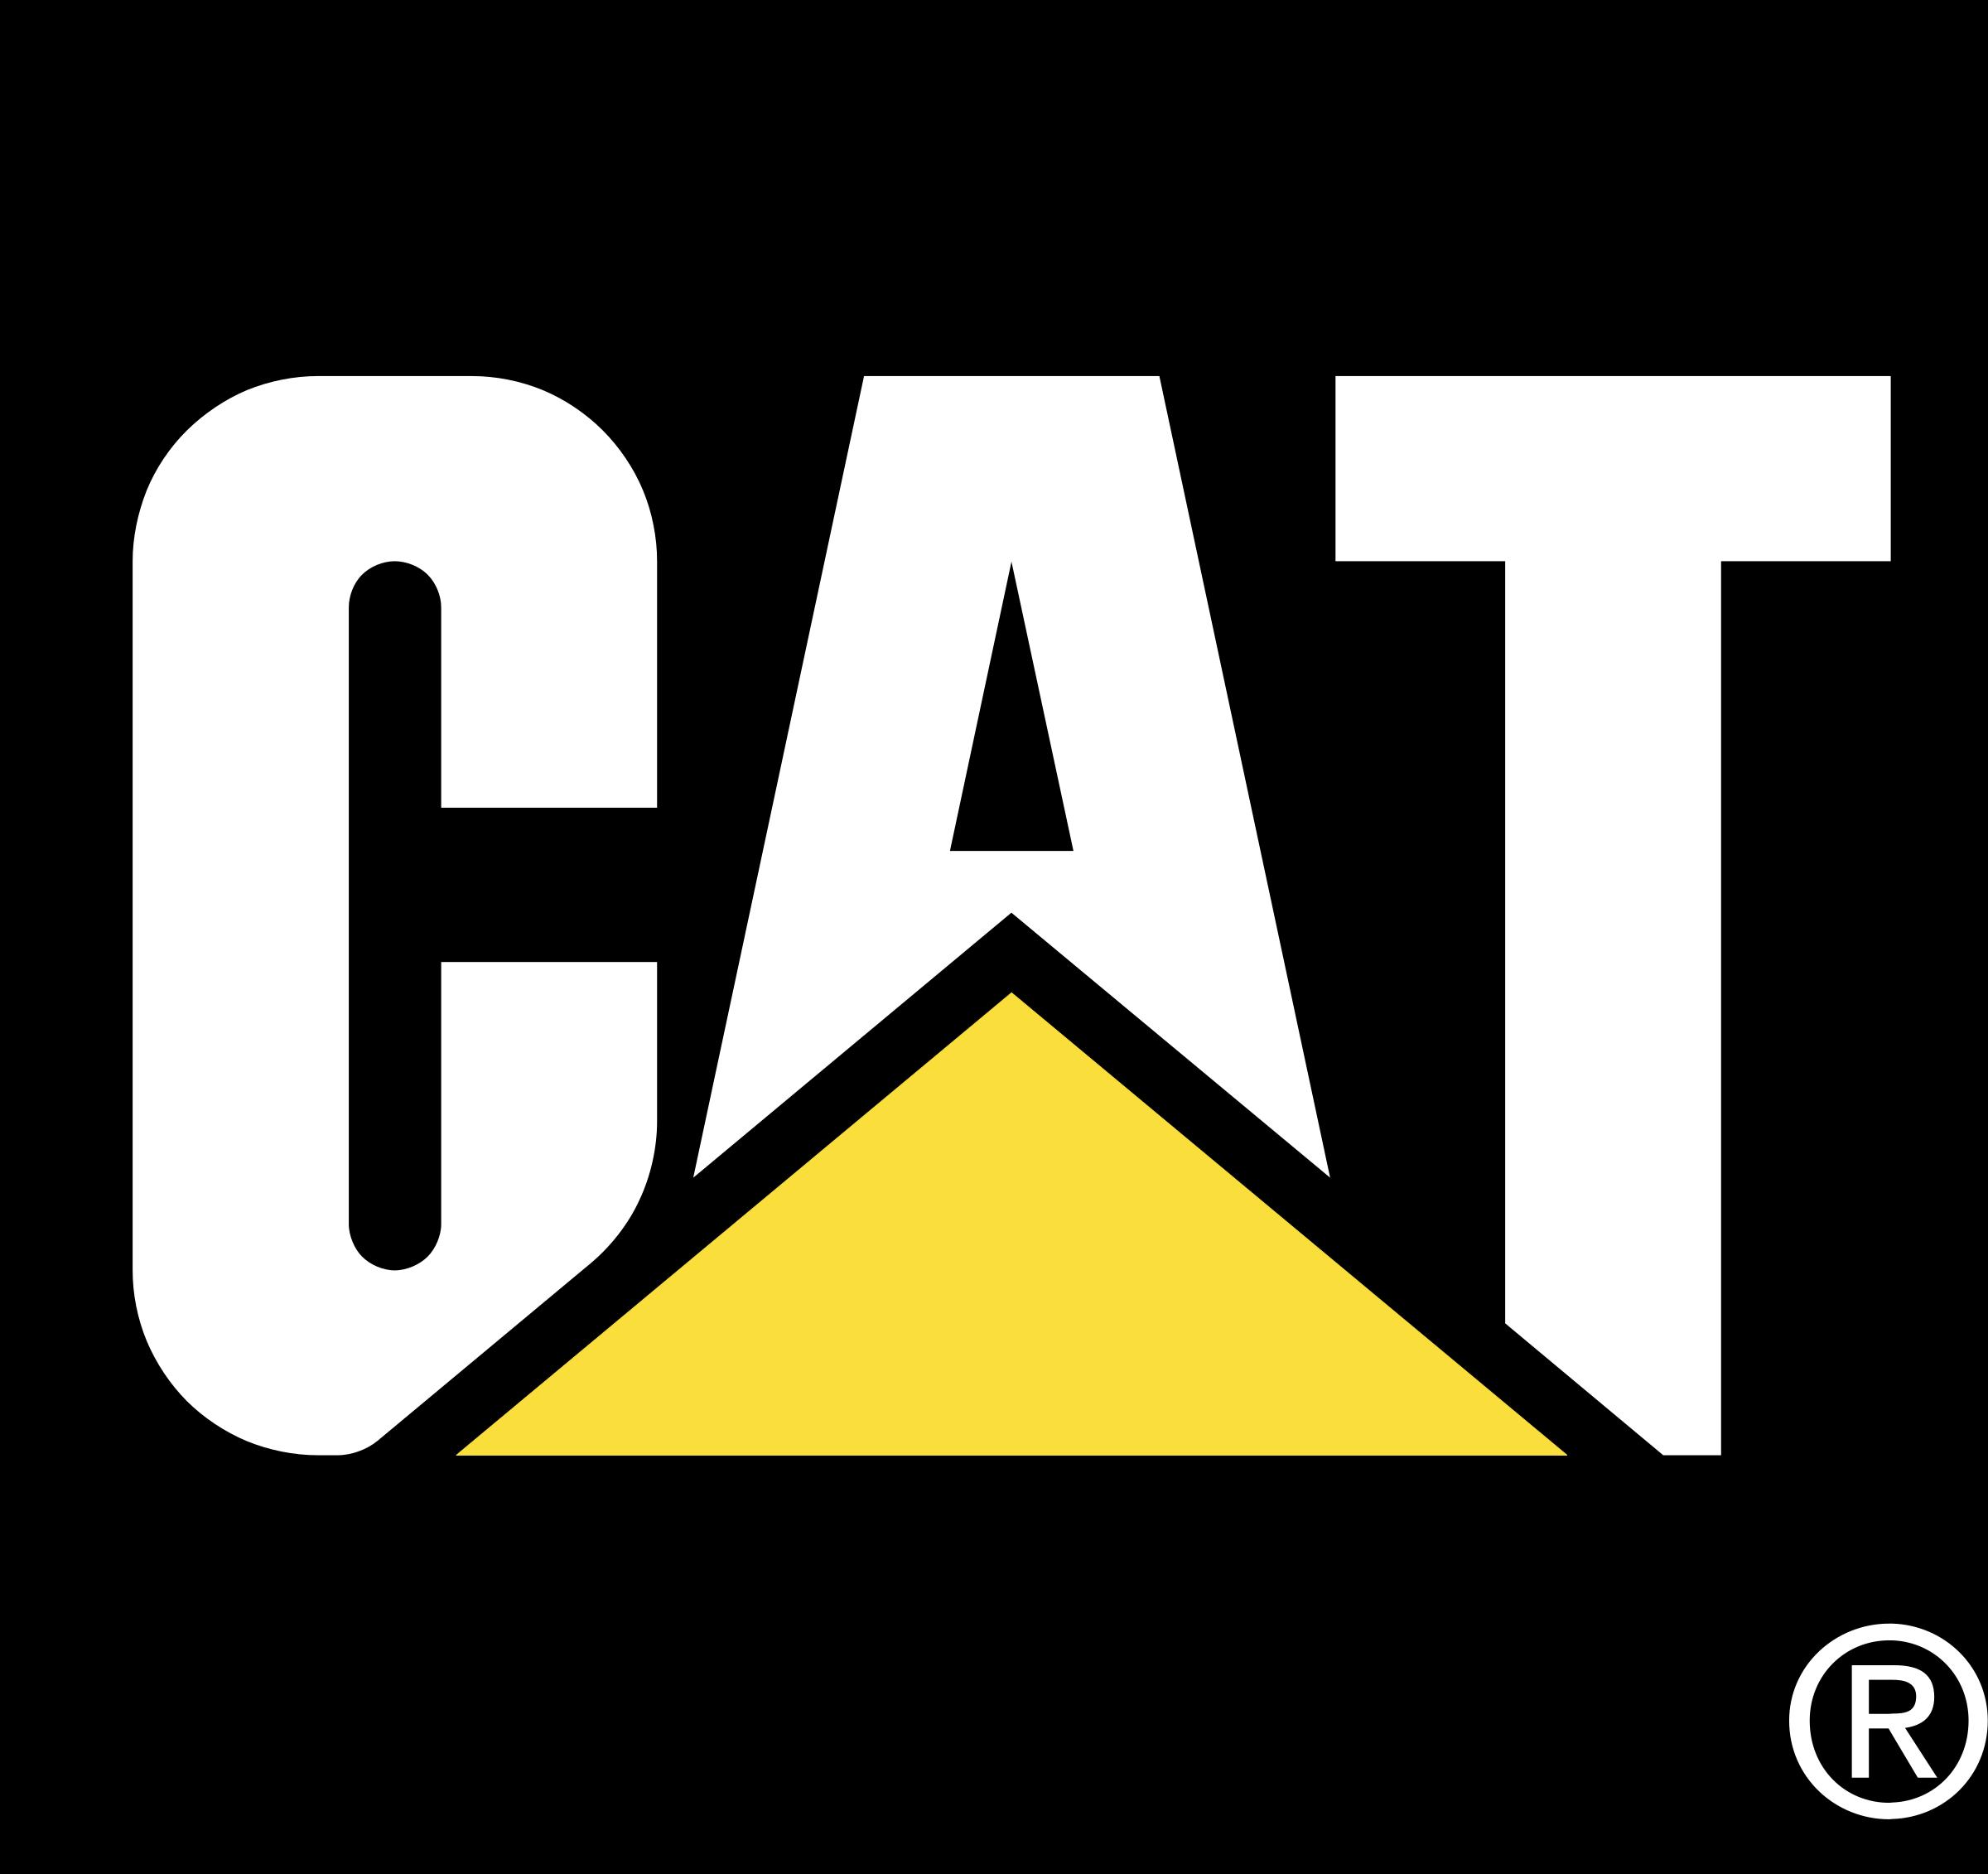 Caterpillar logo2 Logo PNG Transparent & SVG Vector.